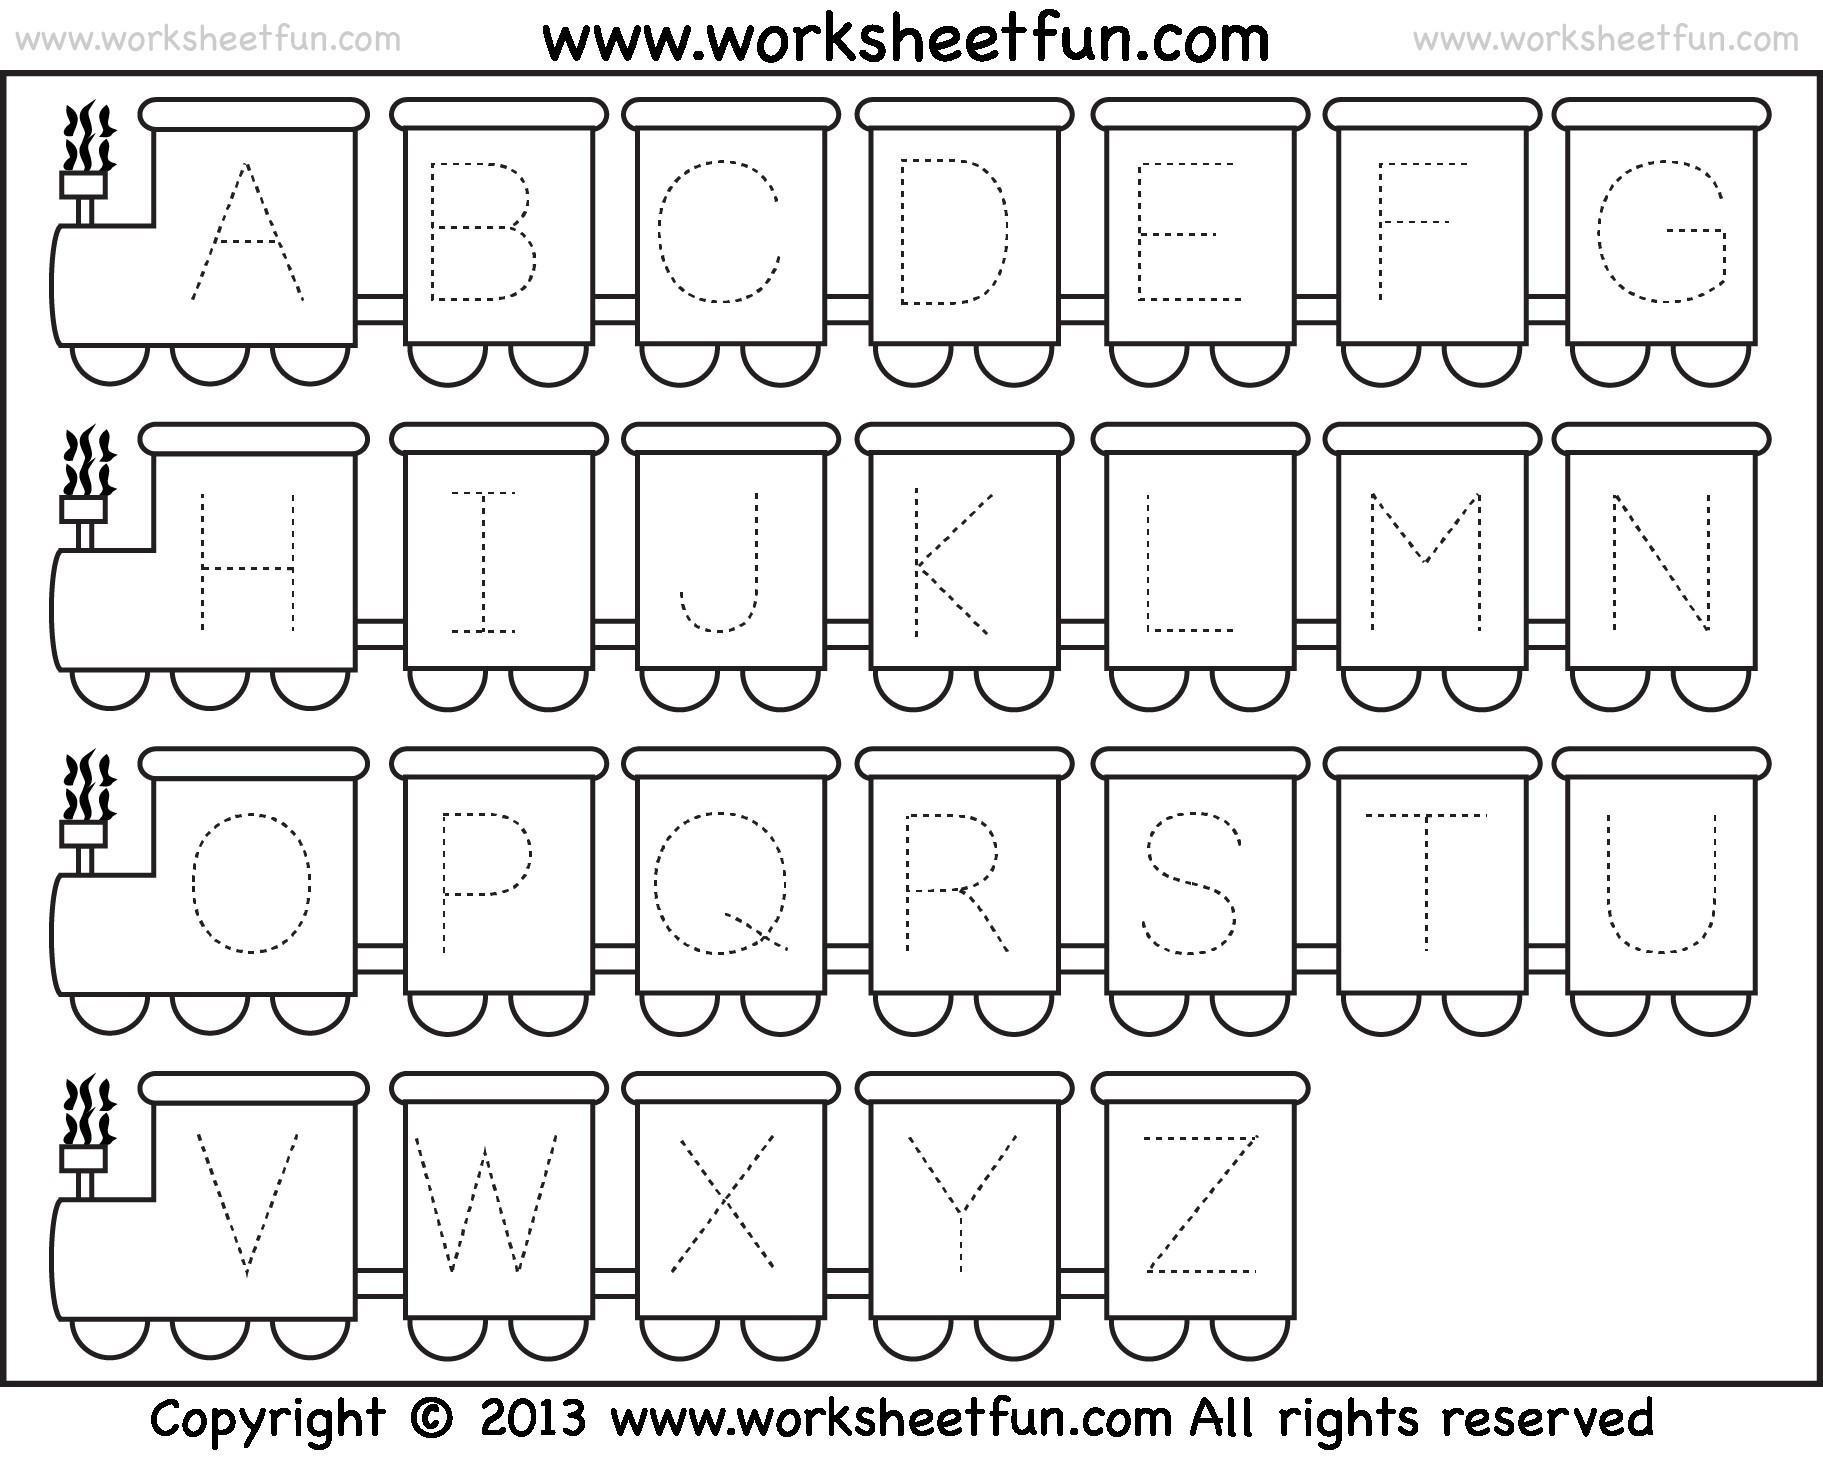 A To Z Worksheets For Preschoolers 7 Letter Worksheets